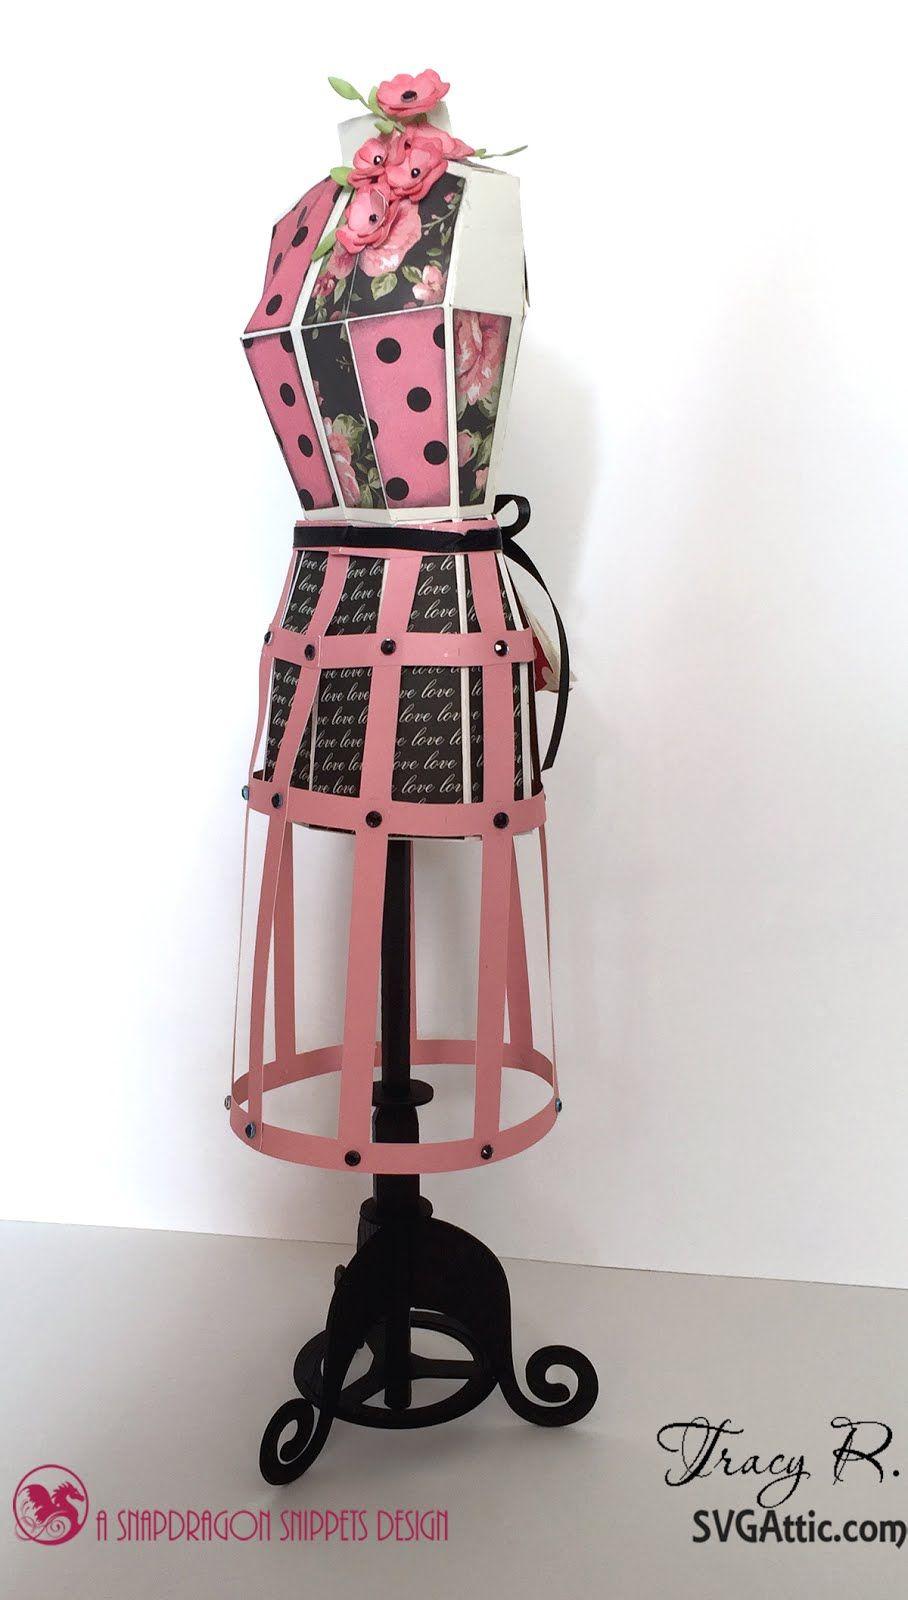 SVG Attic Blog: 3D Dressmaker's Mannequin